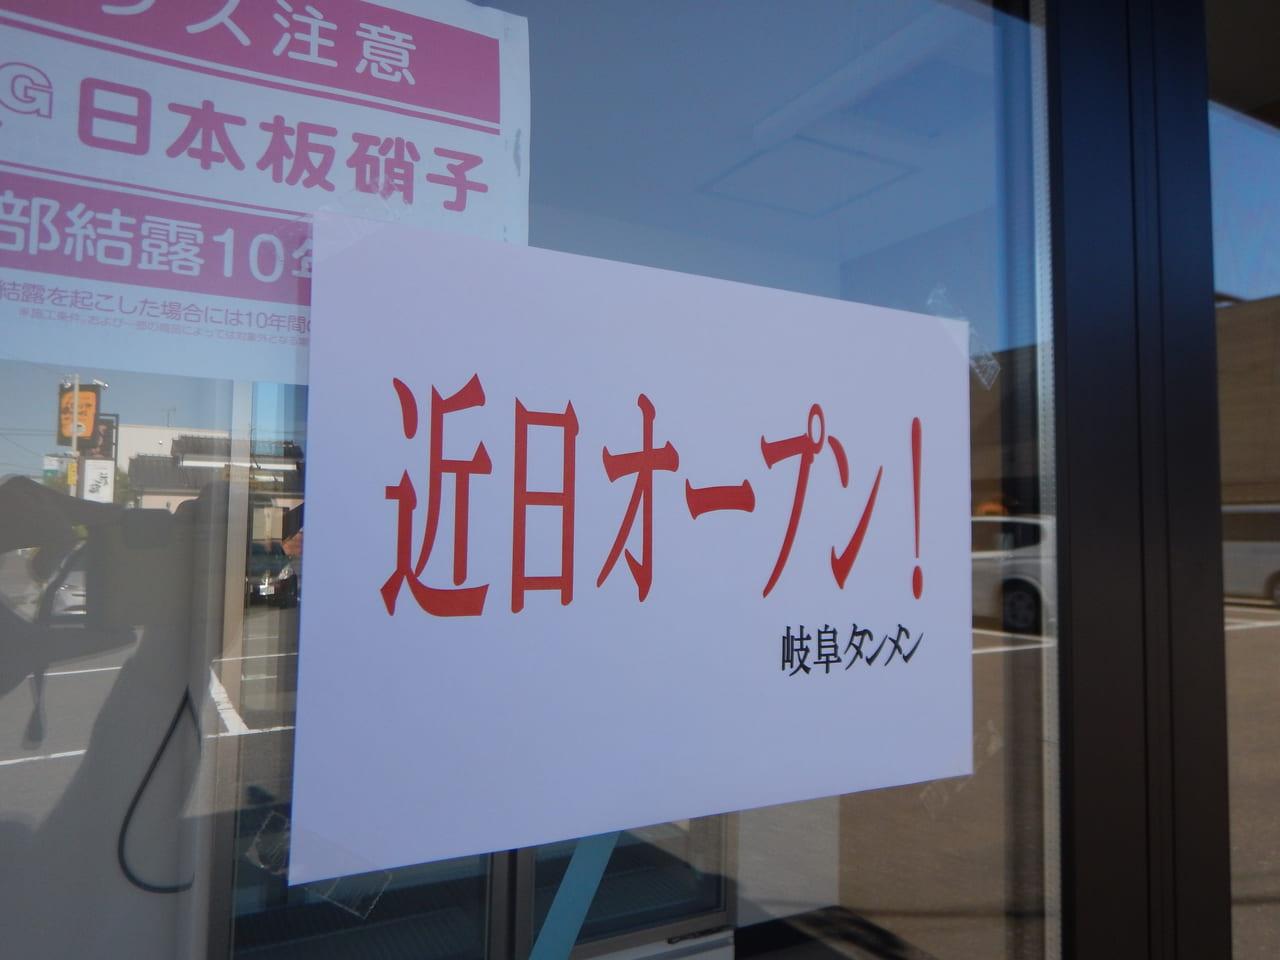 岐阜タンメン 24時間無人販売所 にんにく餃子 近日オープン